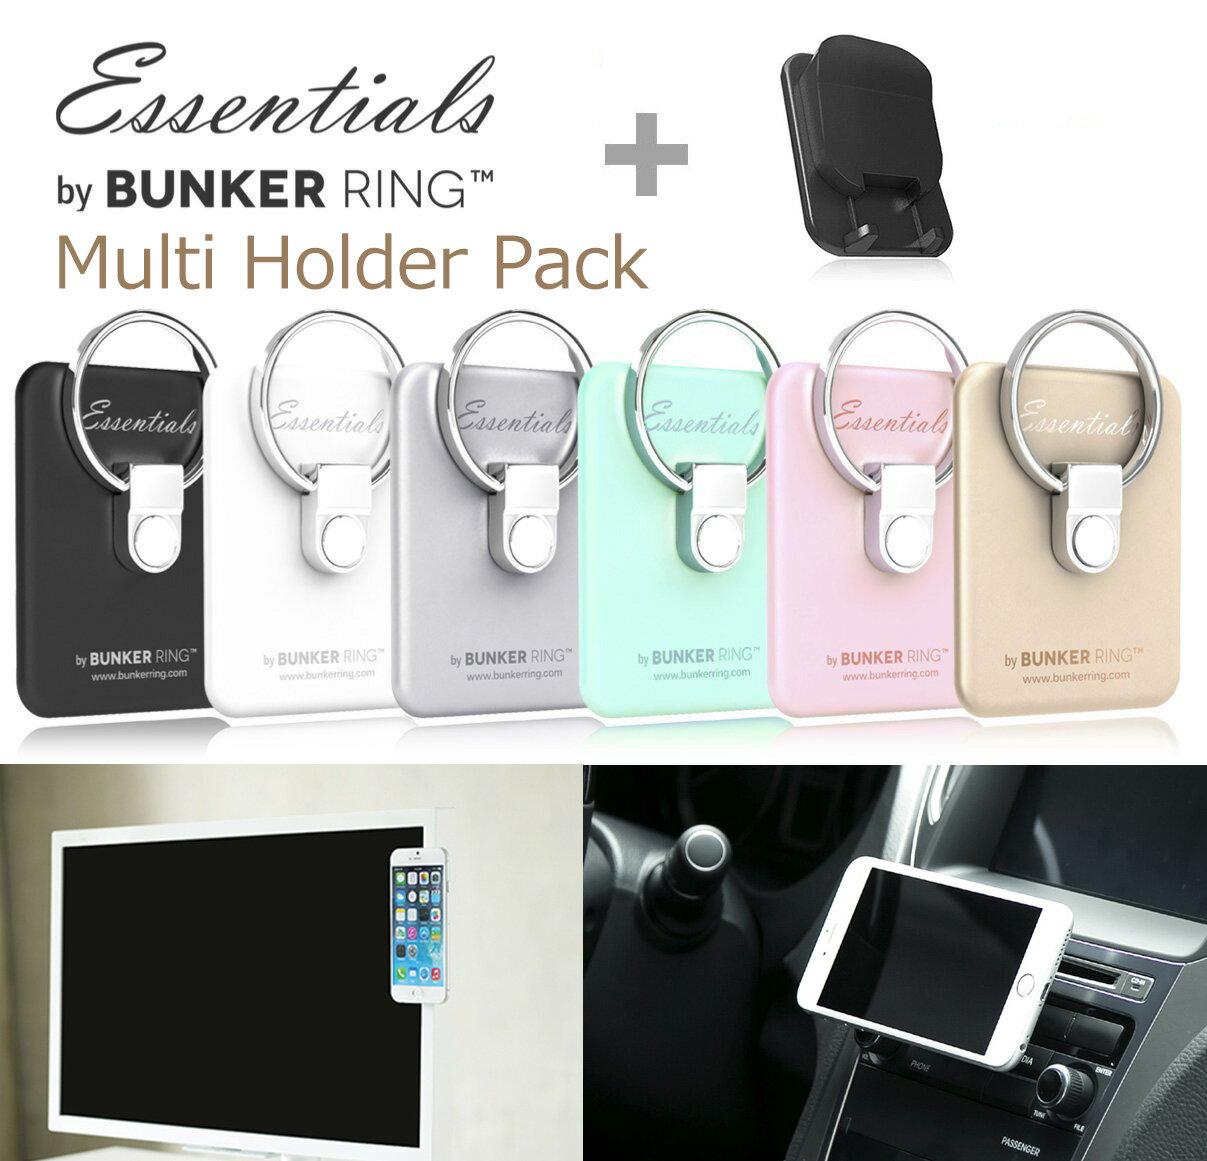 [送料無料][1年保証][当日日本国内発送][正規品]BUNKER RING Multi Holder Pack(車載ホルダー付)バンカーリング iPhone/Galaxy/Xperia/スマートフォン・タブレットPCを指1本で保持(落下防止+スタンド+車載ホルダー機能)